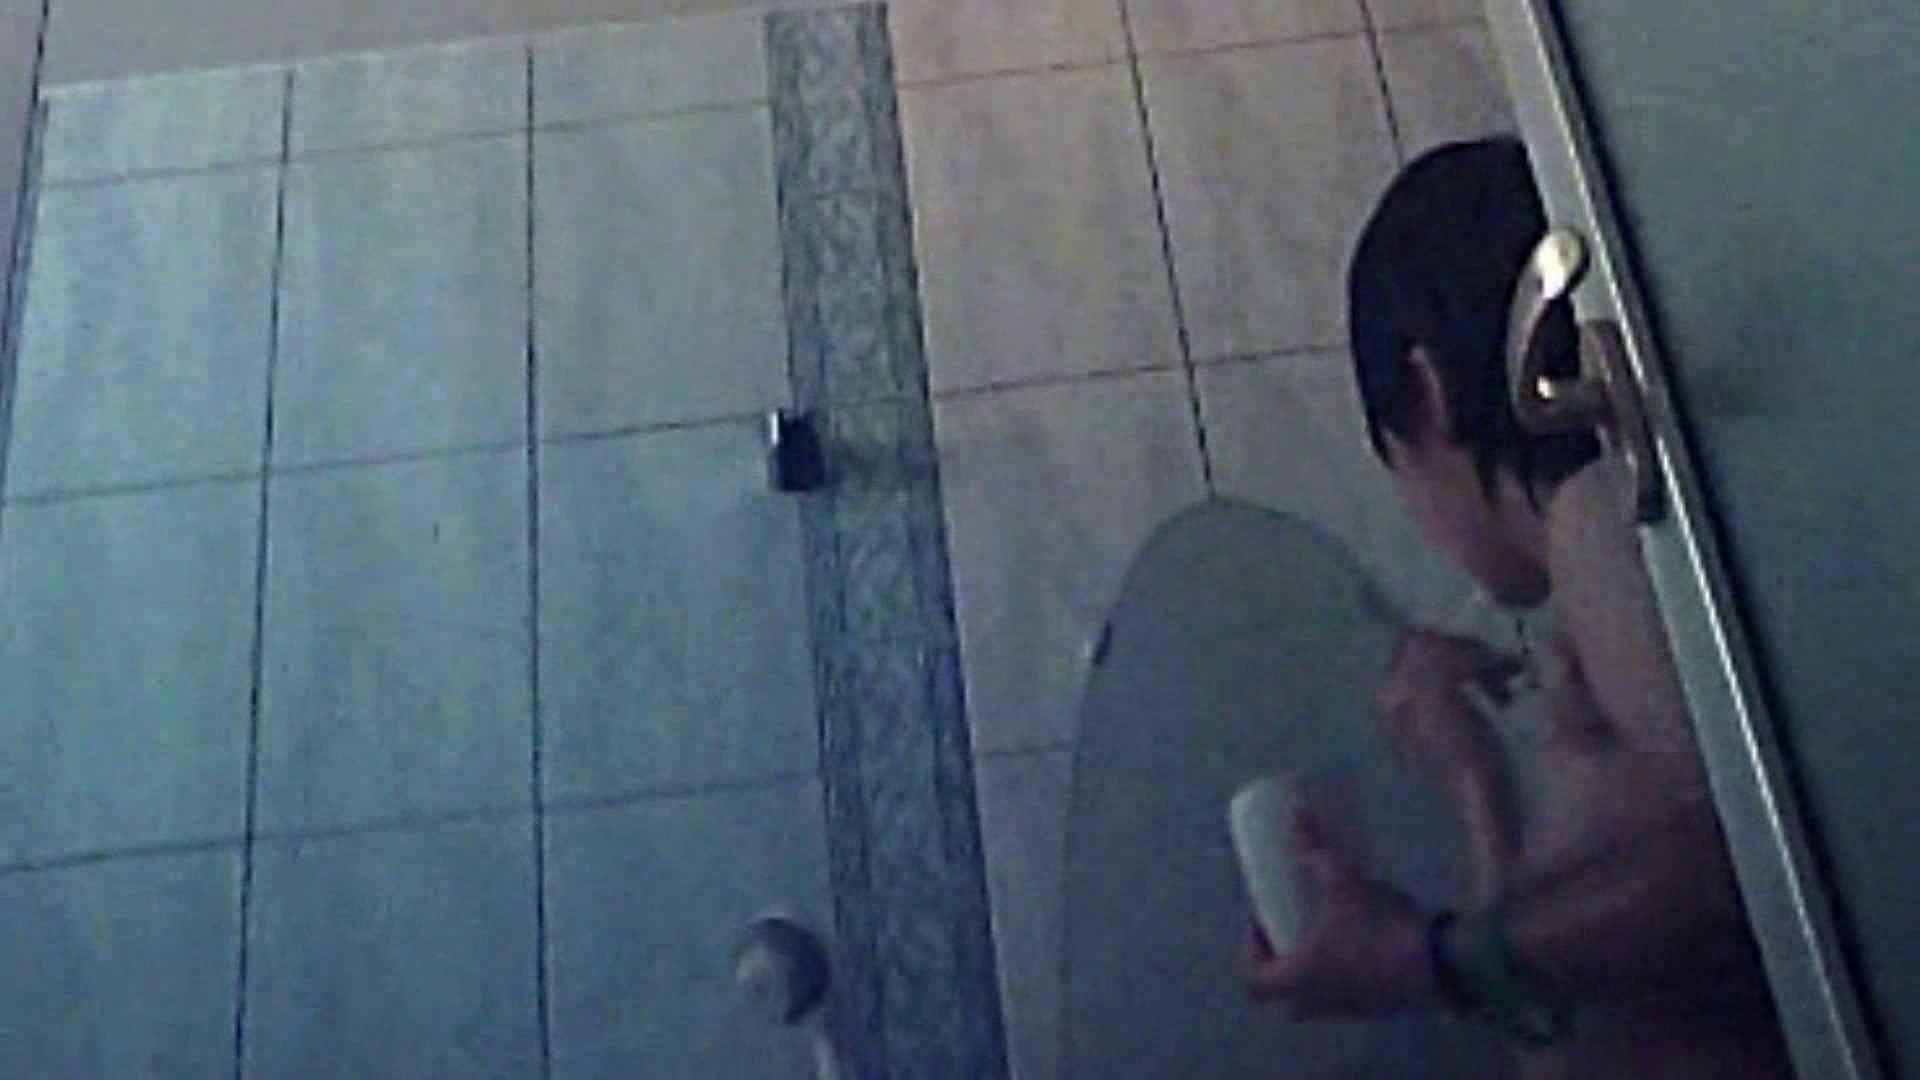 無修正エロ動画|禁断、、家庭教のおしえ子 (シリーズⅣ) しのぶちゃん  Vol.26 脱衣編|怪盗ジョーカー